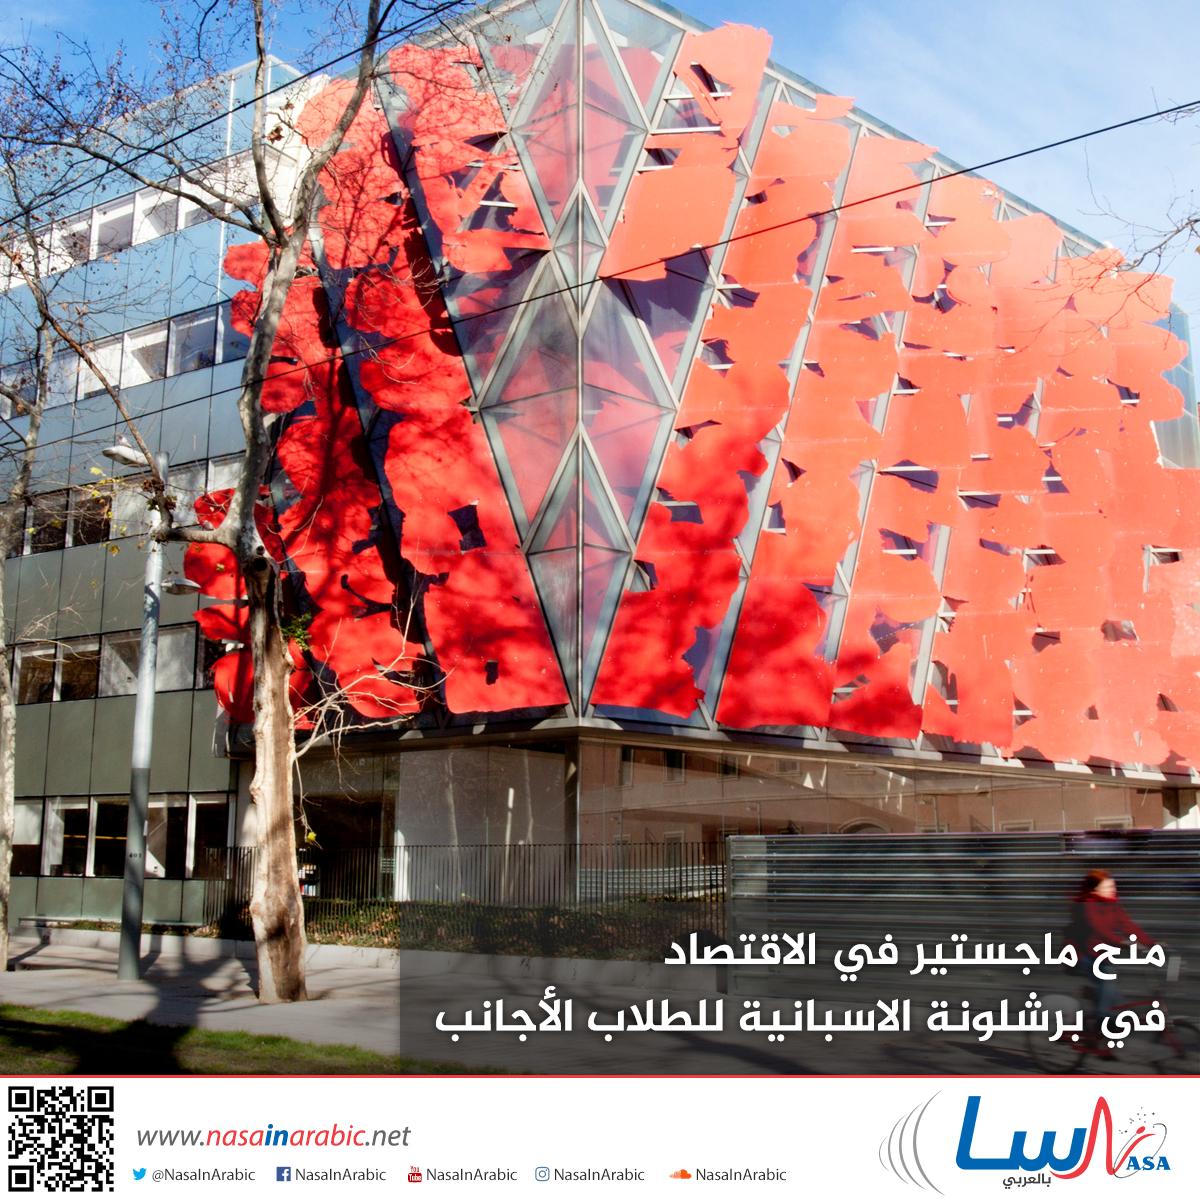 منح ماجستير في الاقتصاد في برشلونة الاسبانية للطلاب الأجانب